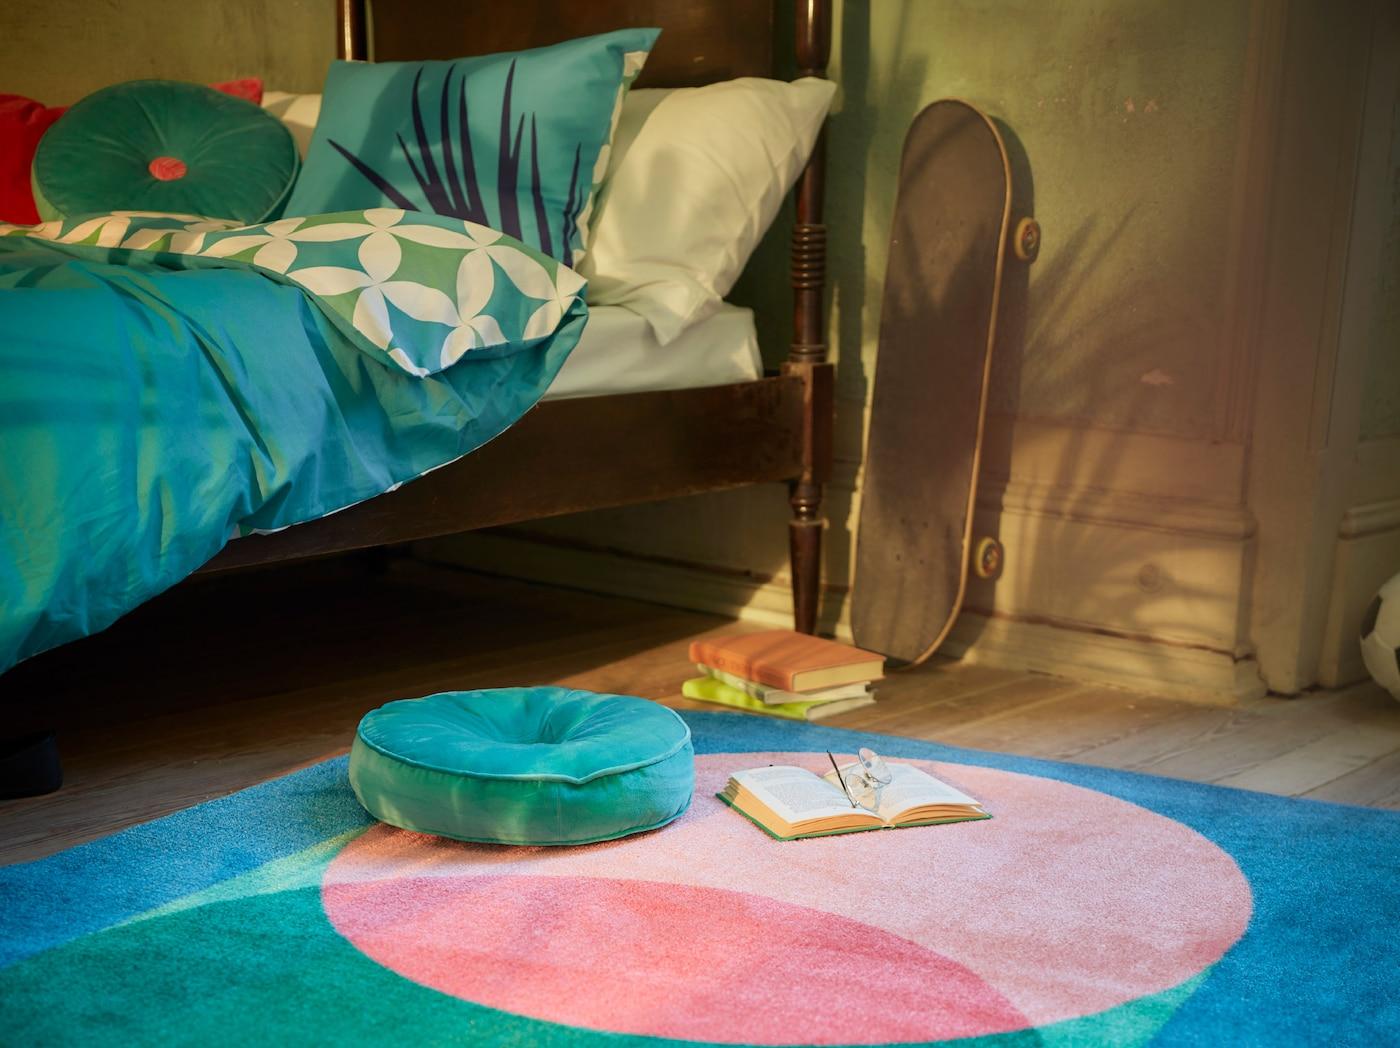 ターコイズ調のGRACIÖS/グラシオース テキスタイルシリーズでアレンジしたベッドルーム。掛け布団カバー、模様入りラグ、丸形のベルベットクッションがあります。